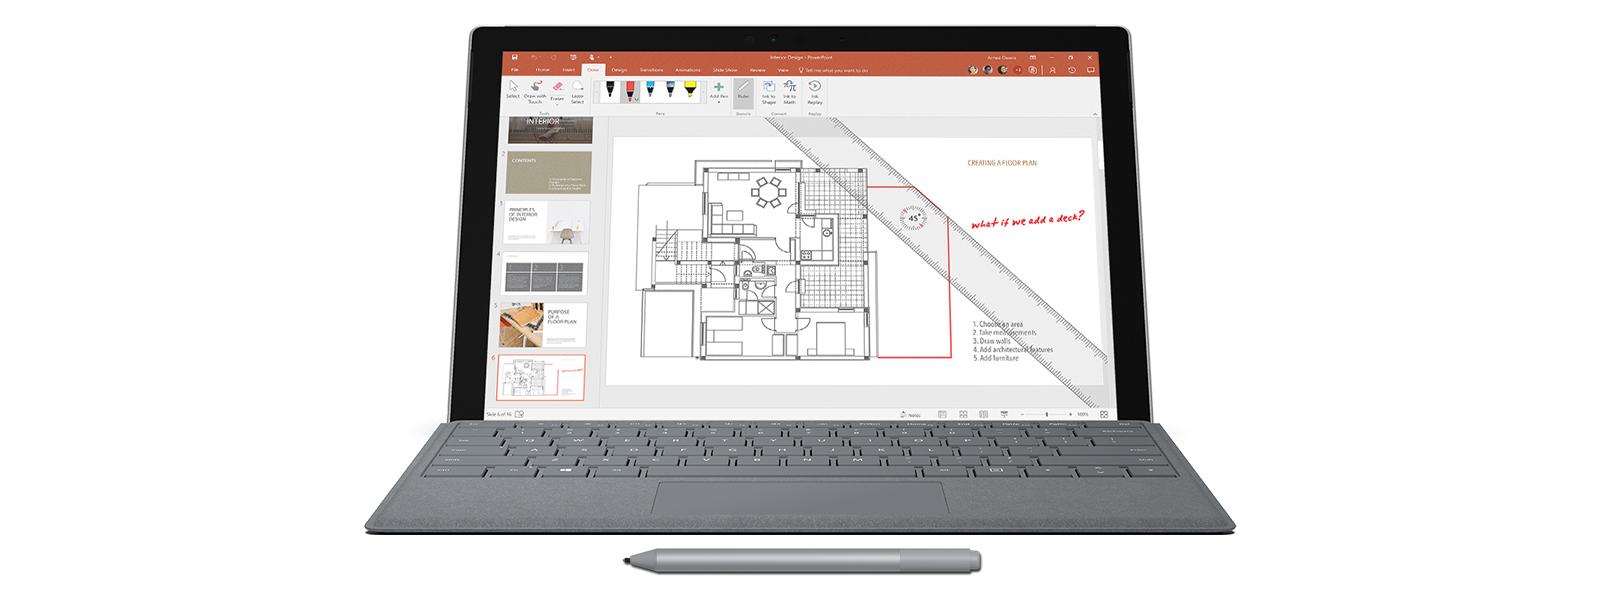 لقطة شاشة لمخطط طابق باستخدام قلم Surface Pen، والتعليقات التوضيحية، والمسطرة المعروضة على الشاشة